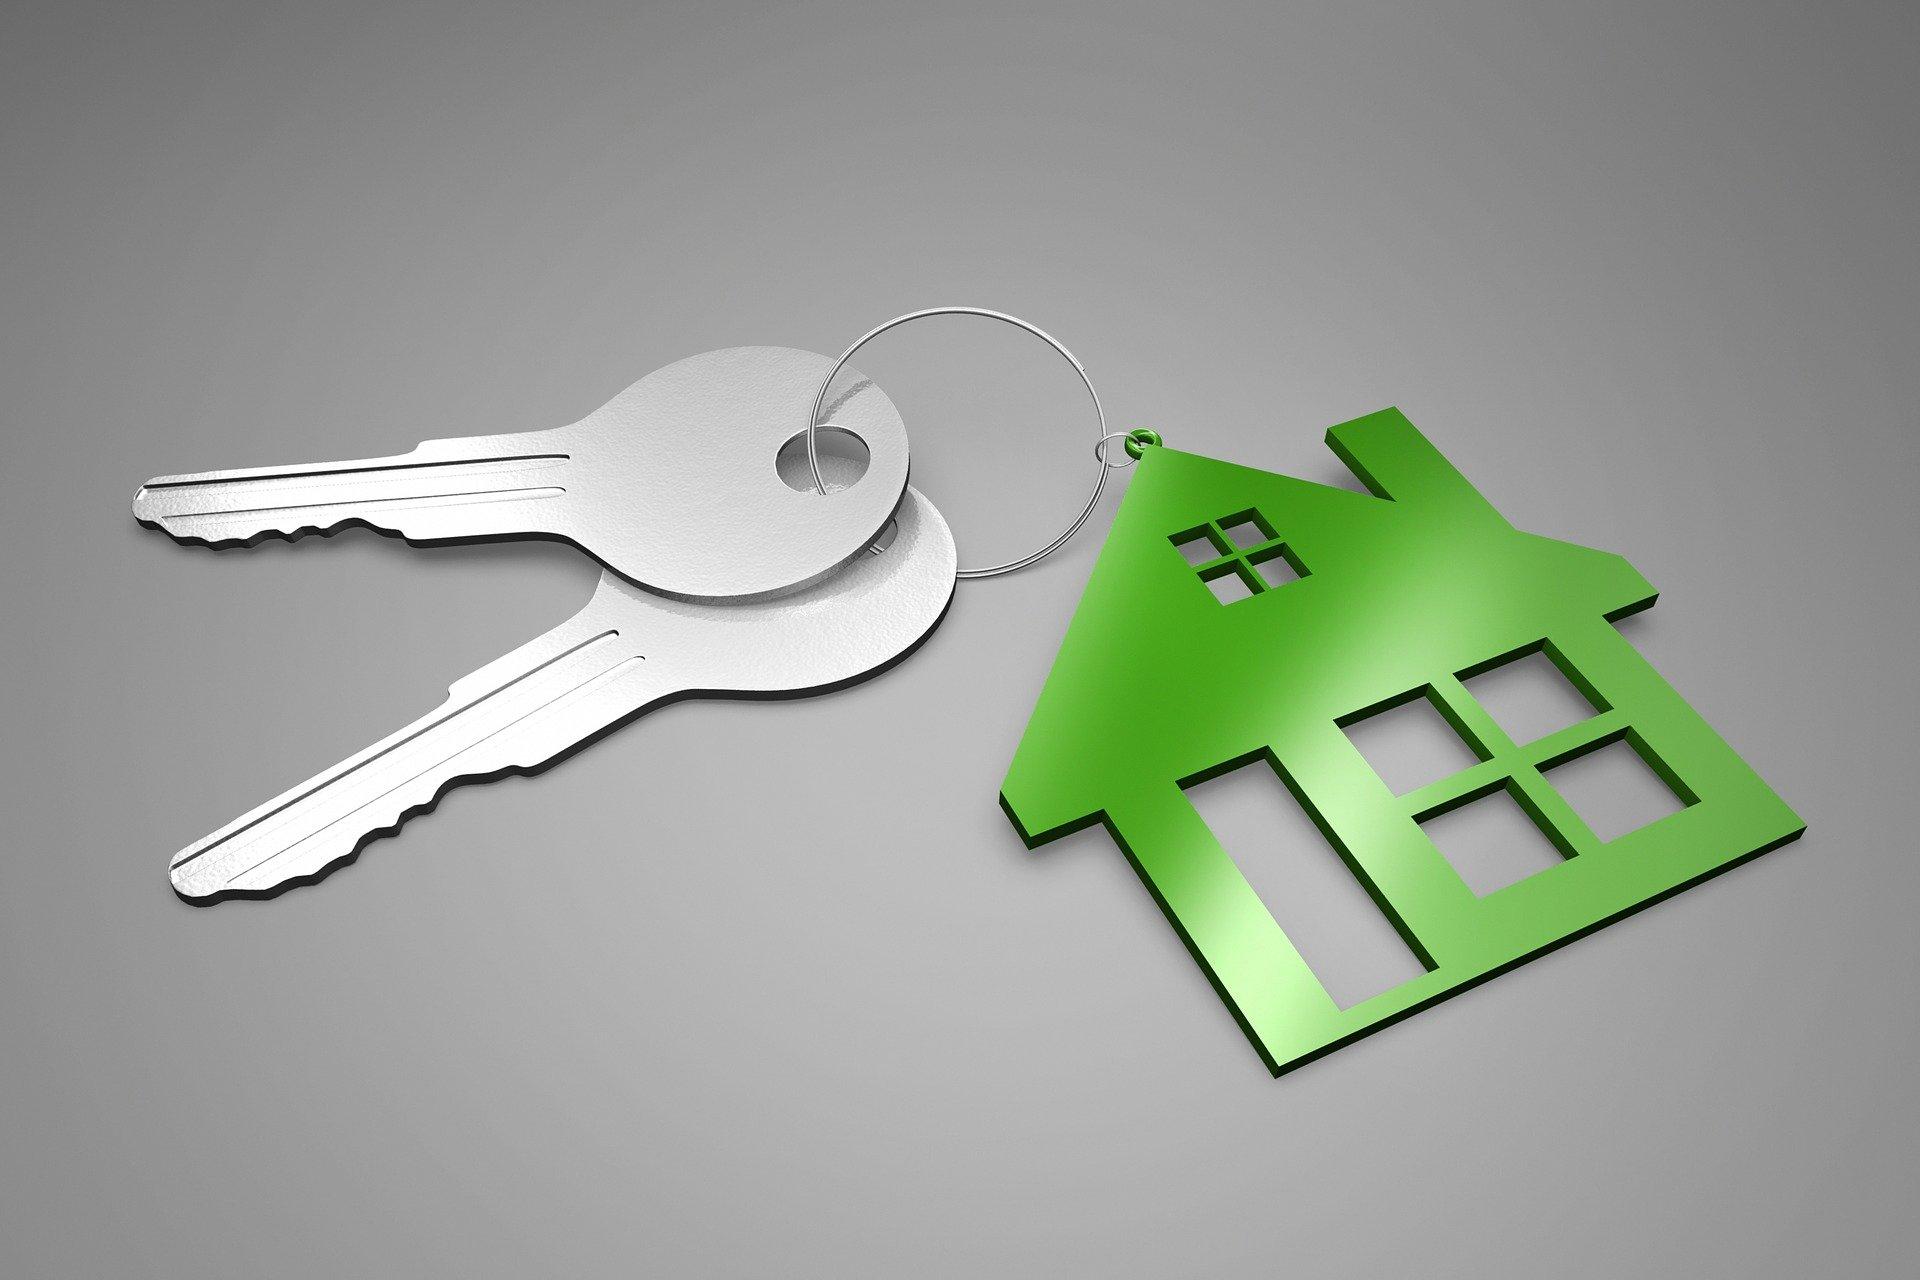 Credito inmobiliario: Lo que hay que saber antes de solicitarlo